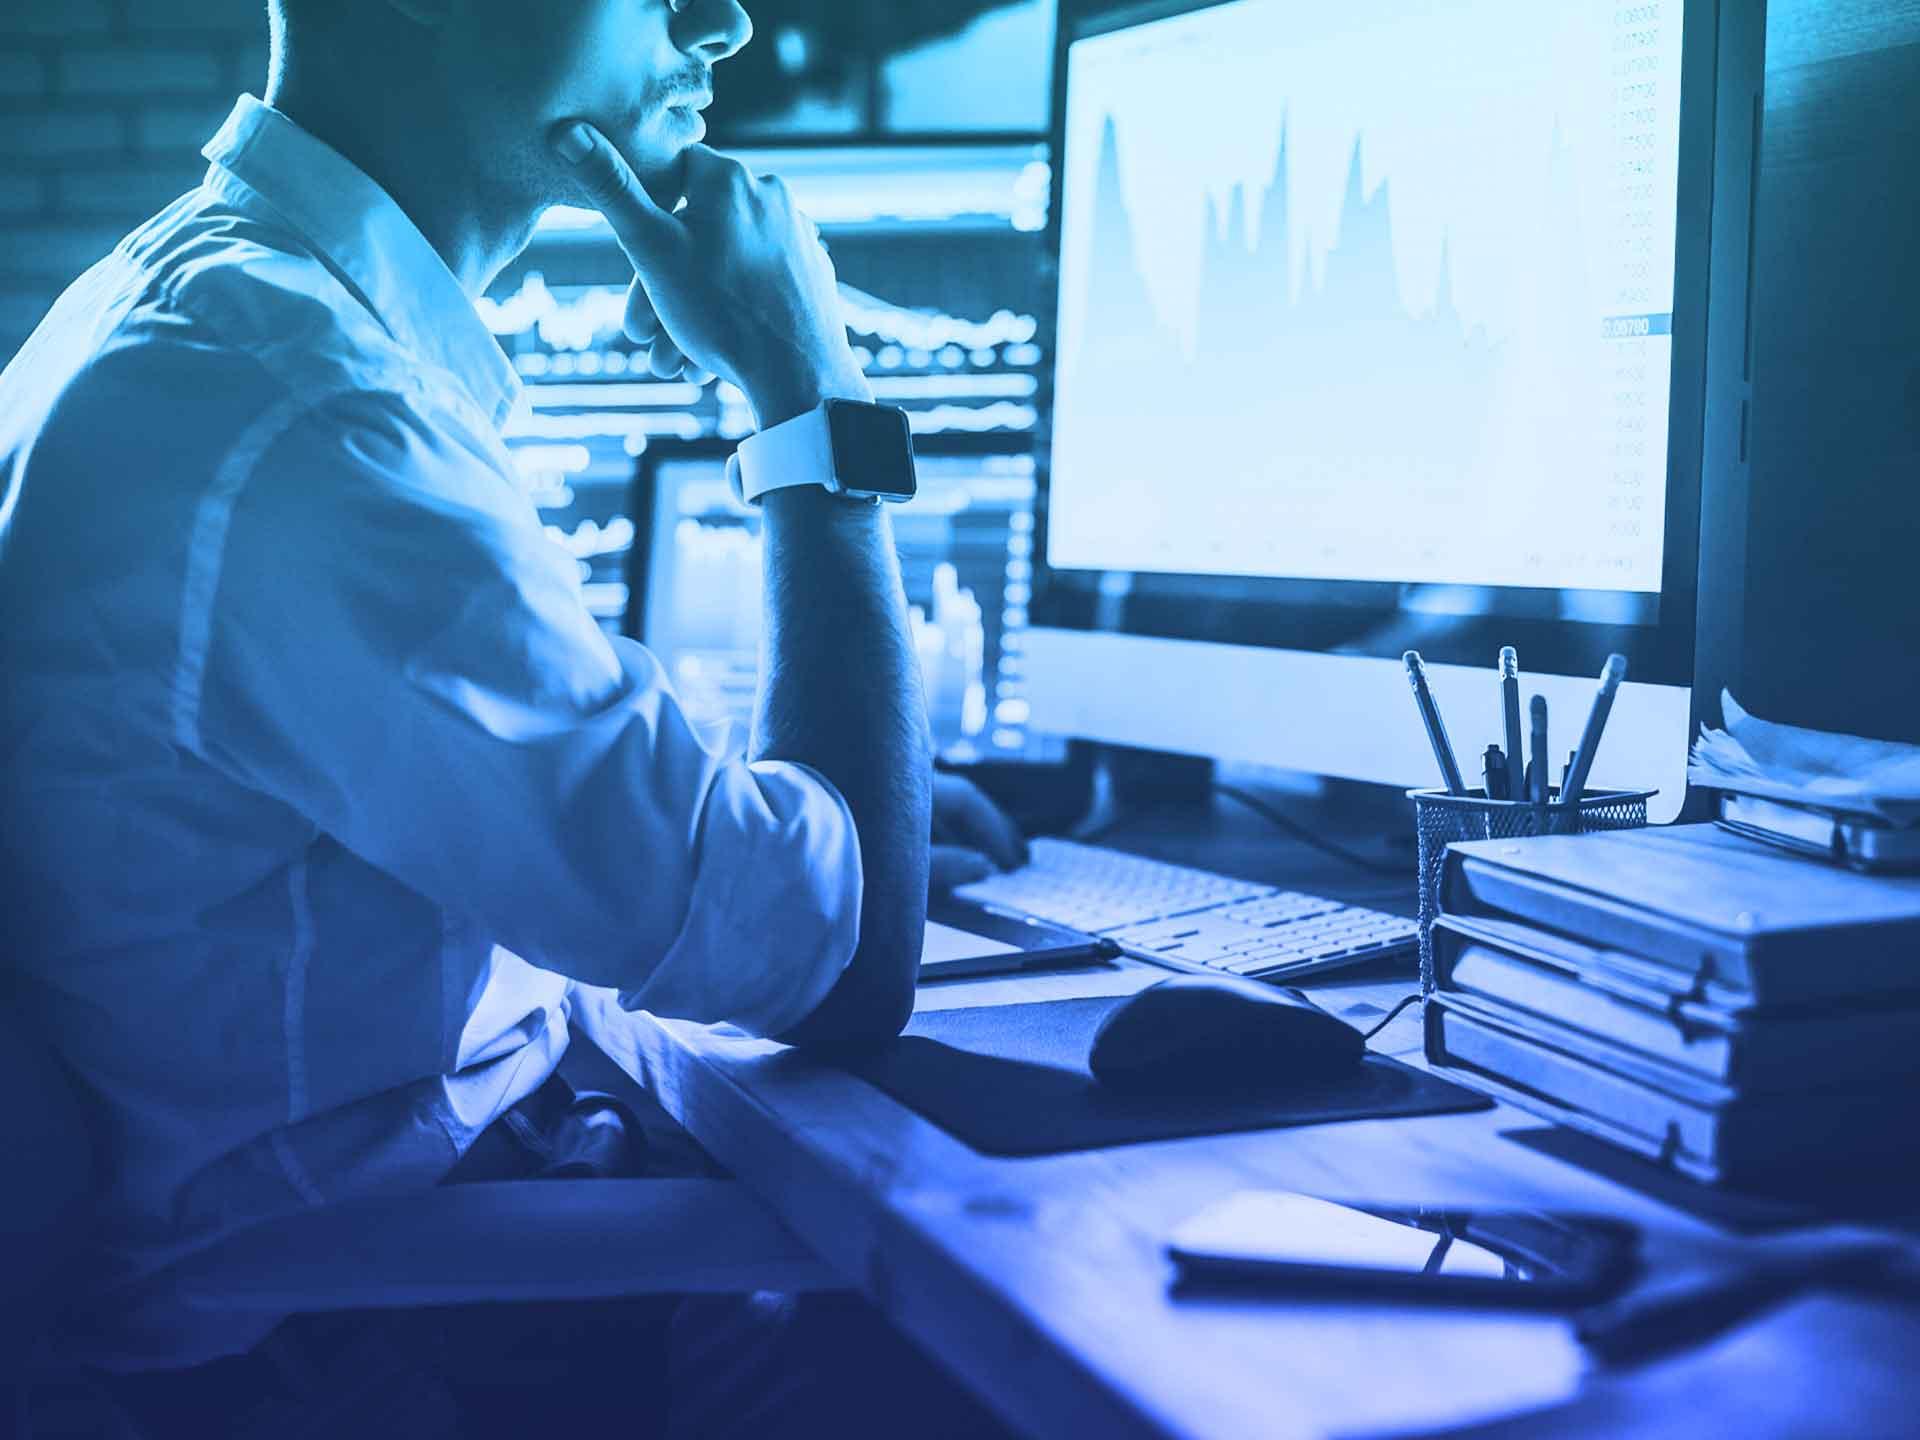 Profiteer van real-time bedrijfsinformatie met Dynamics Commerce